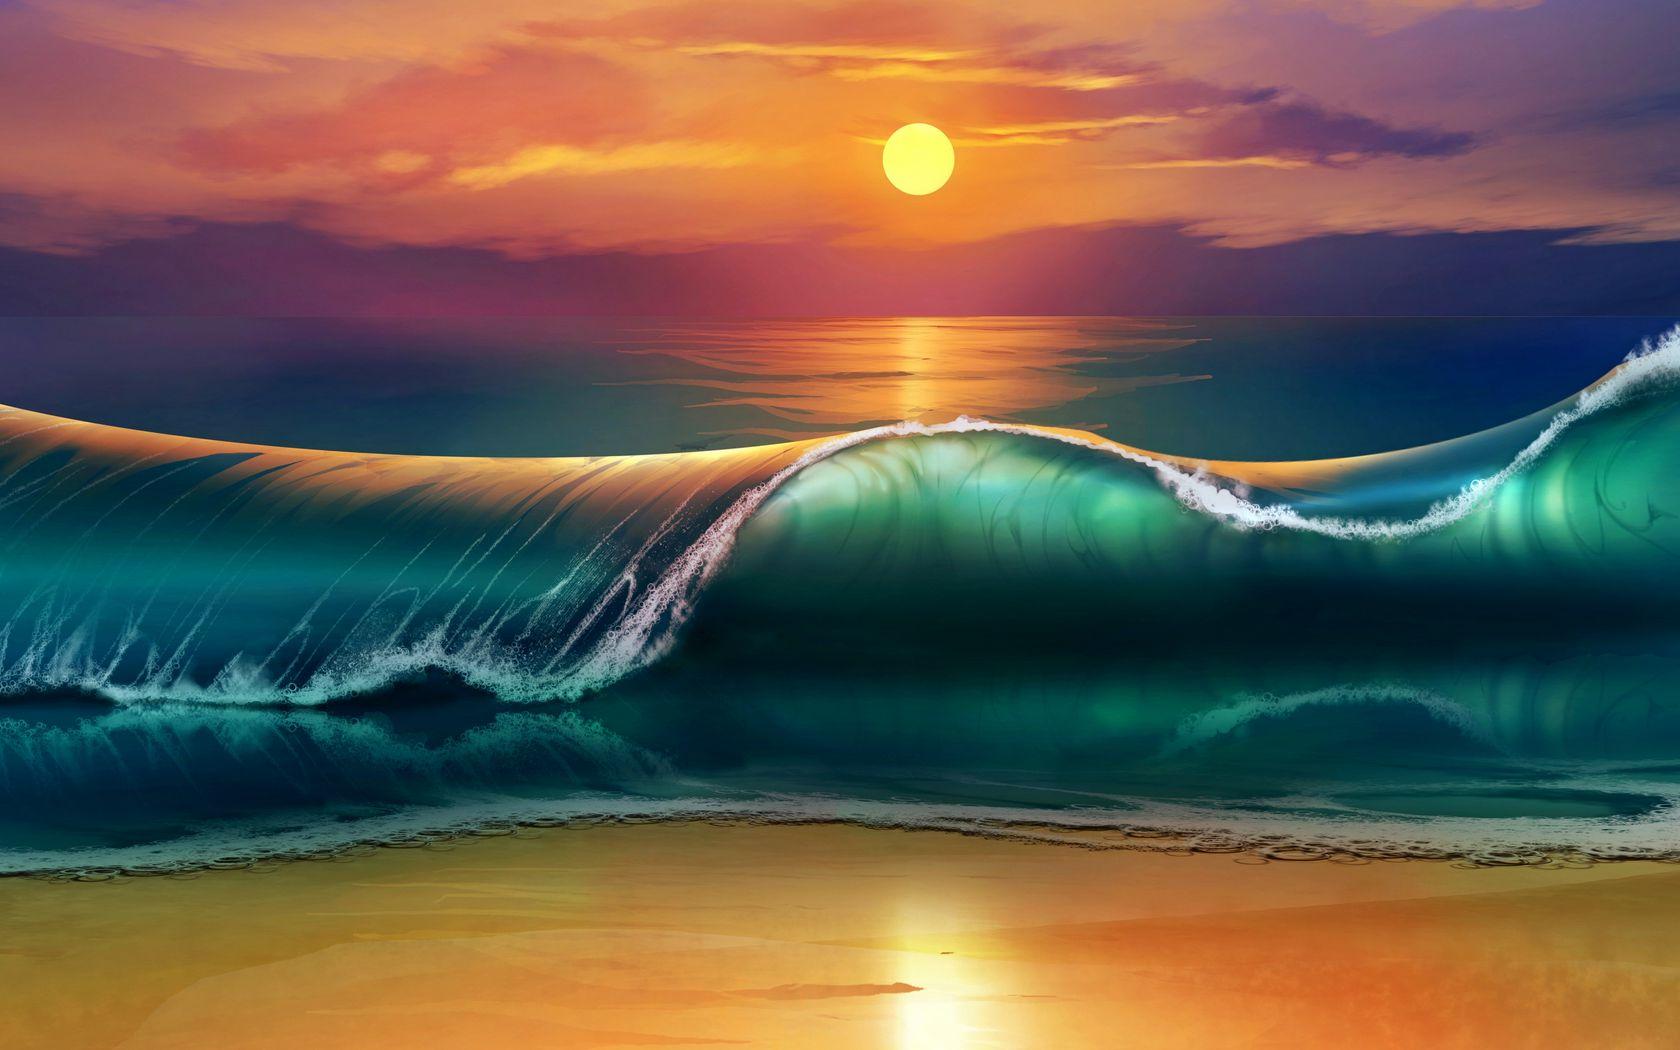 1680x1050 Wallpaper art, sunset, beach, sea, waves